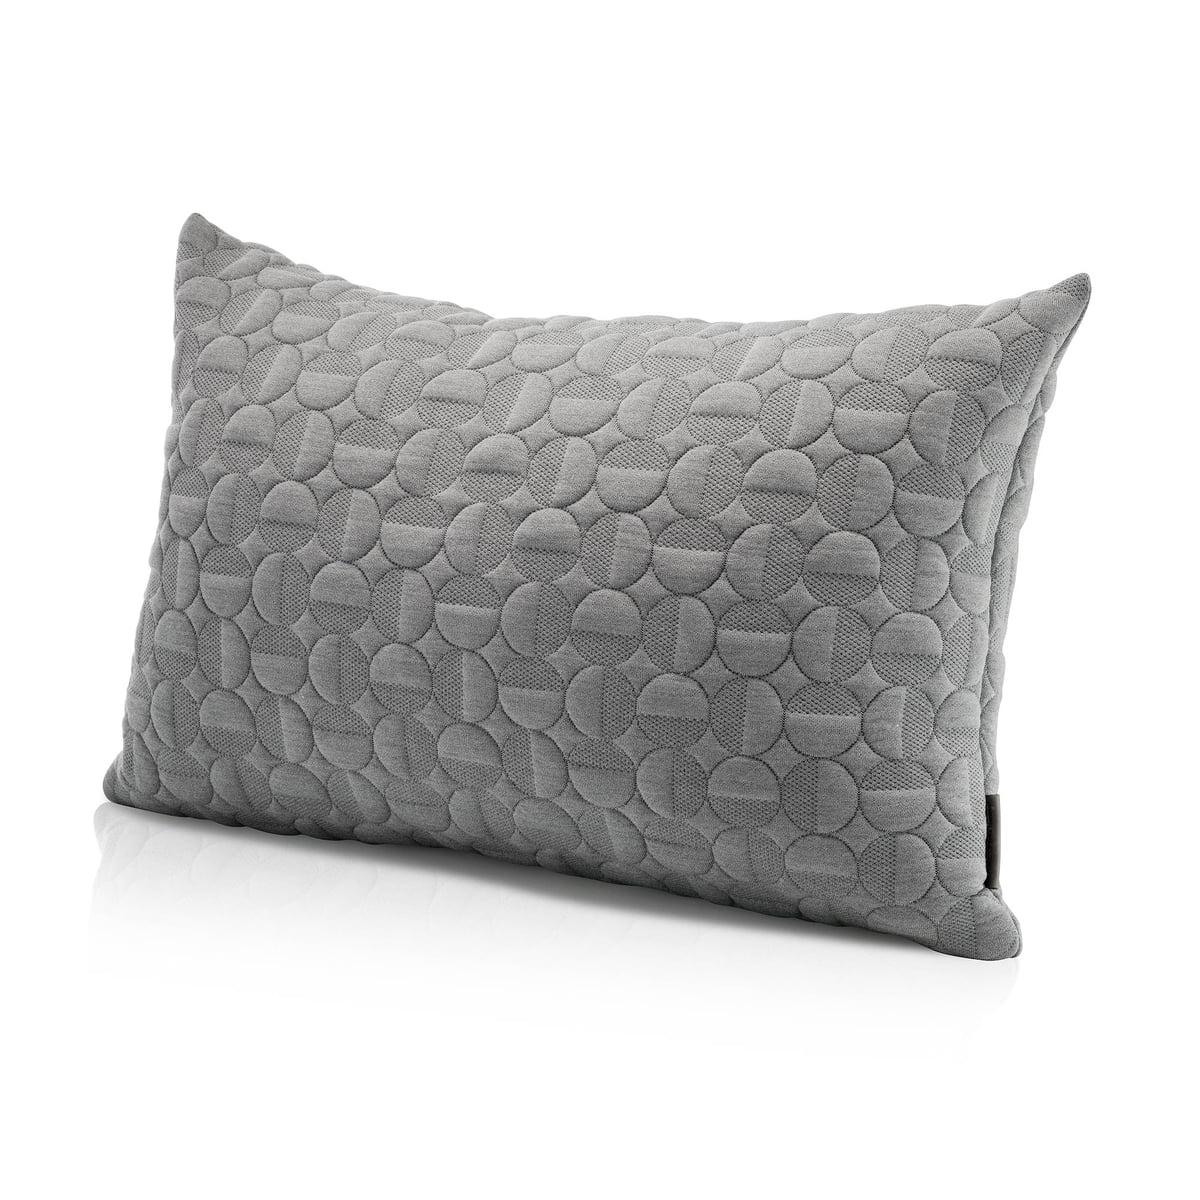 vertigo kissen 60 x 40 cm von fritz hansen. Black Bedroom Furniture Sets. Home Design Ideas